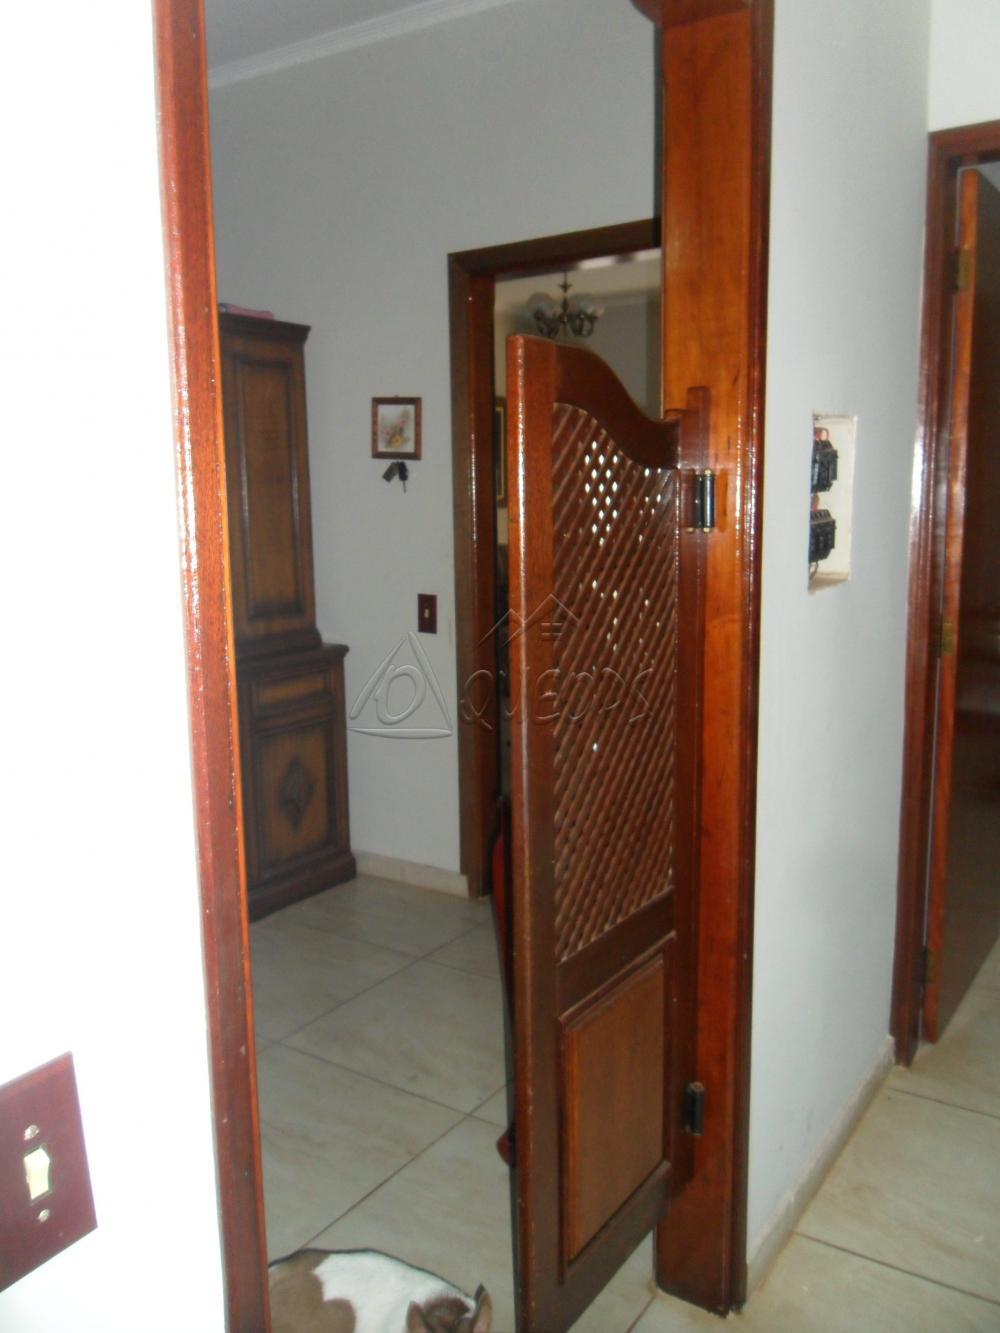 Comprar Casa / Padrão em Barretos apenas R$ 450.000,00 - Foto 12